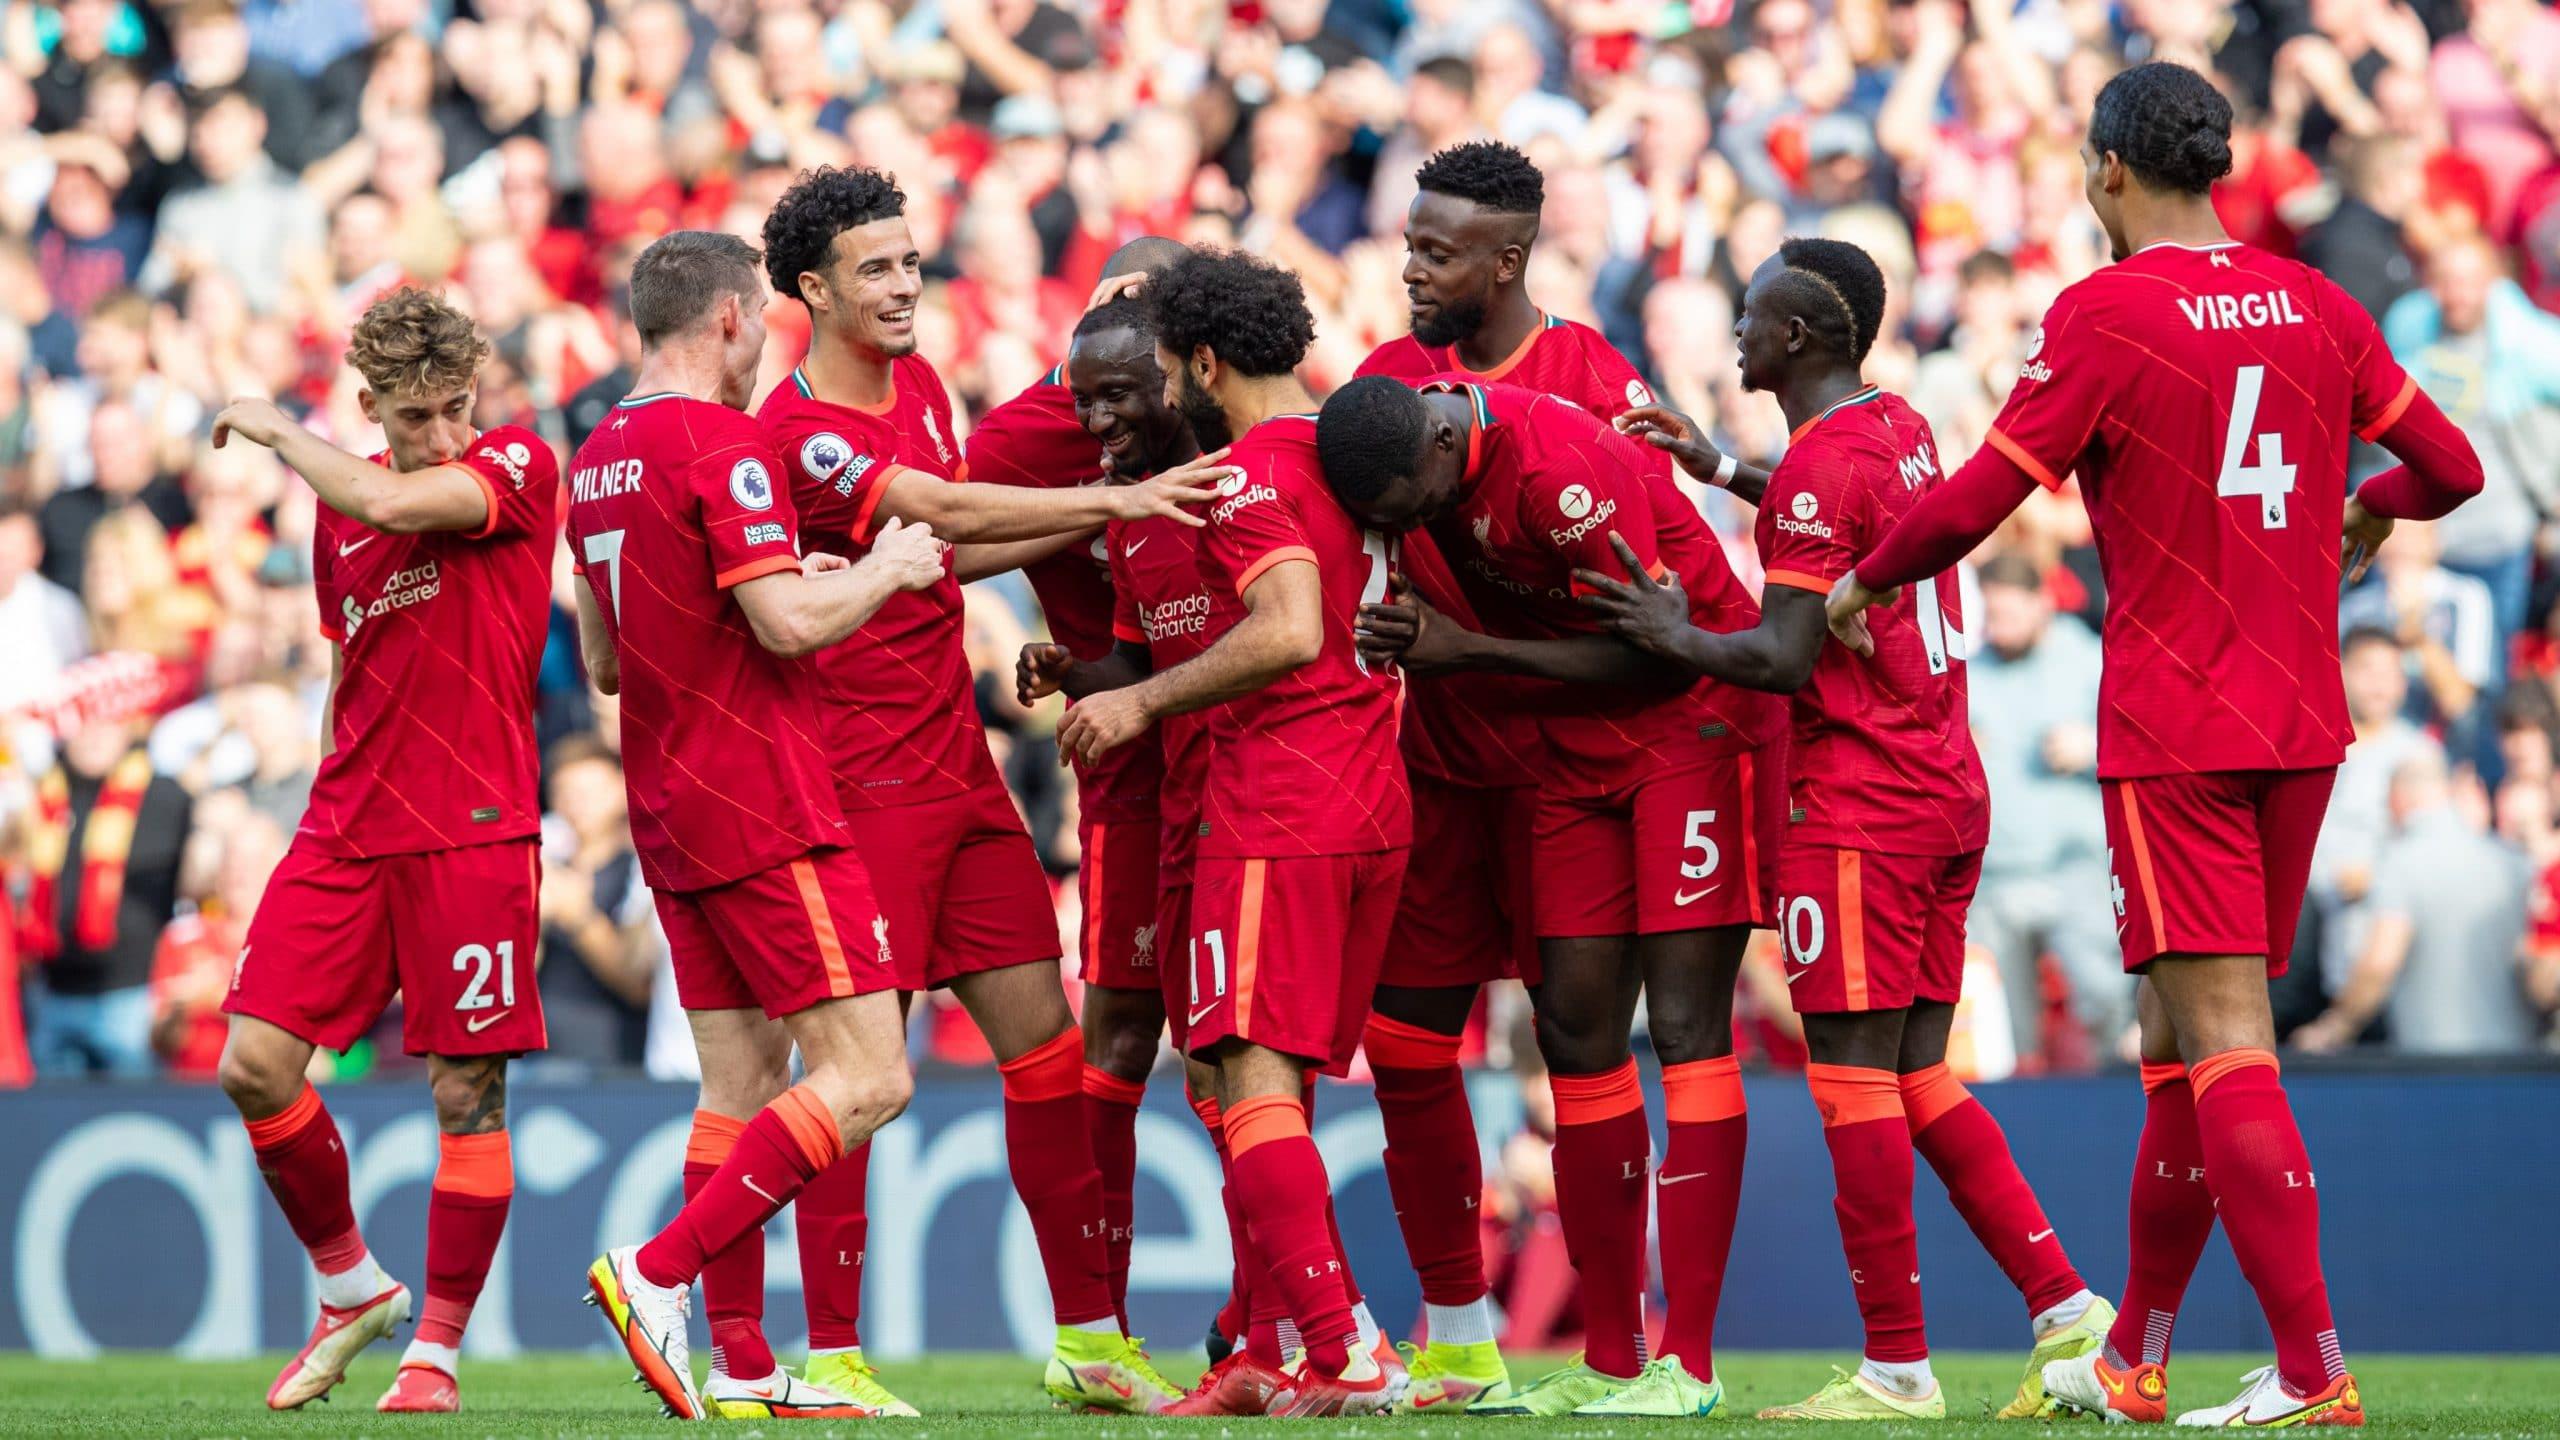 الدوري الإنجليزي: ليفربول وأرسنال يفوزان وتعثر مخيب للآمال لحامل اللقب مانشستر سيتي